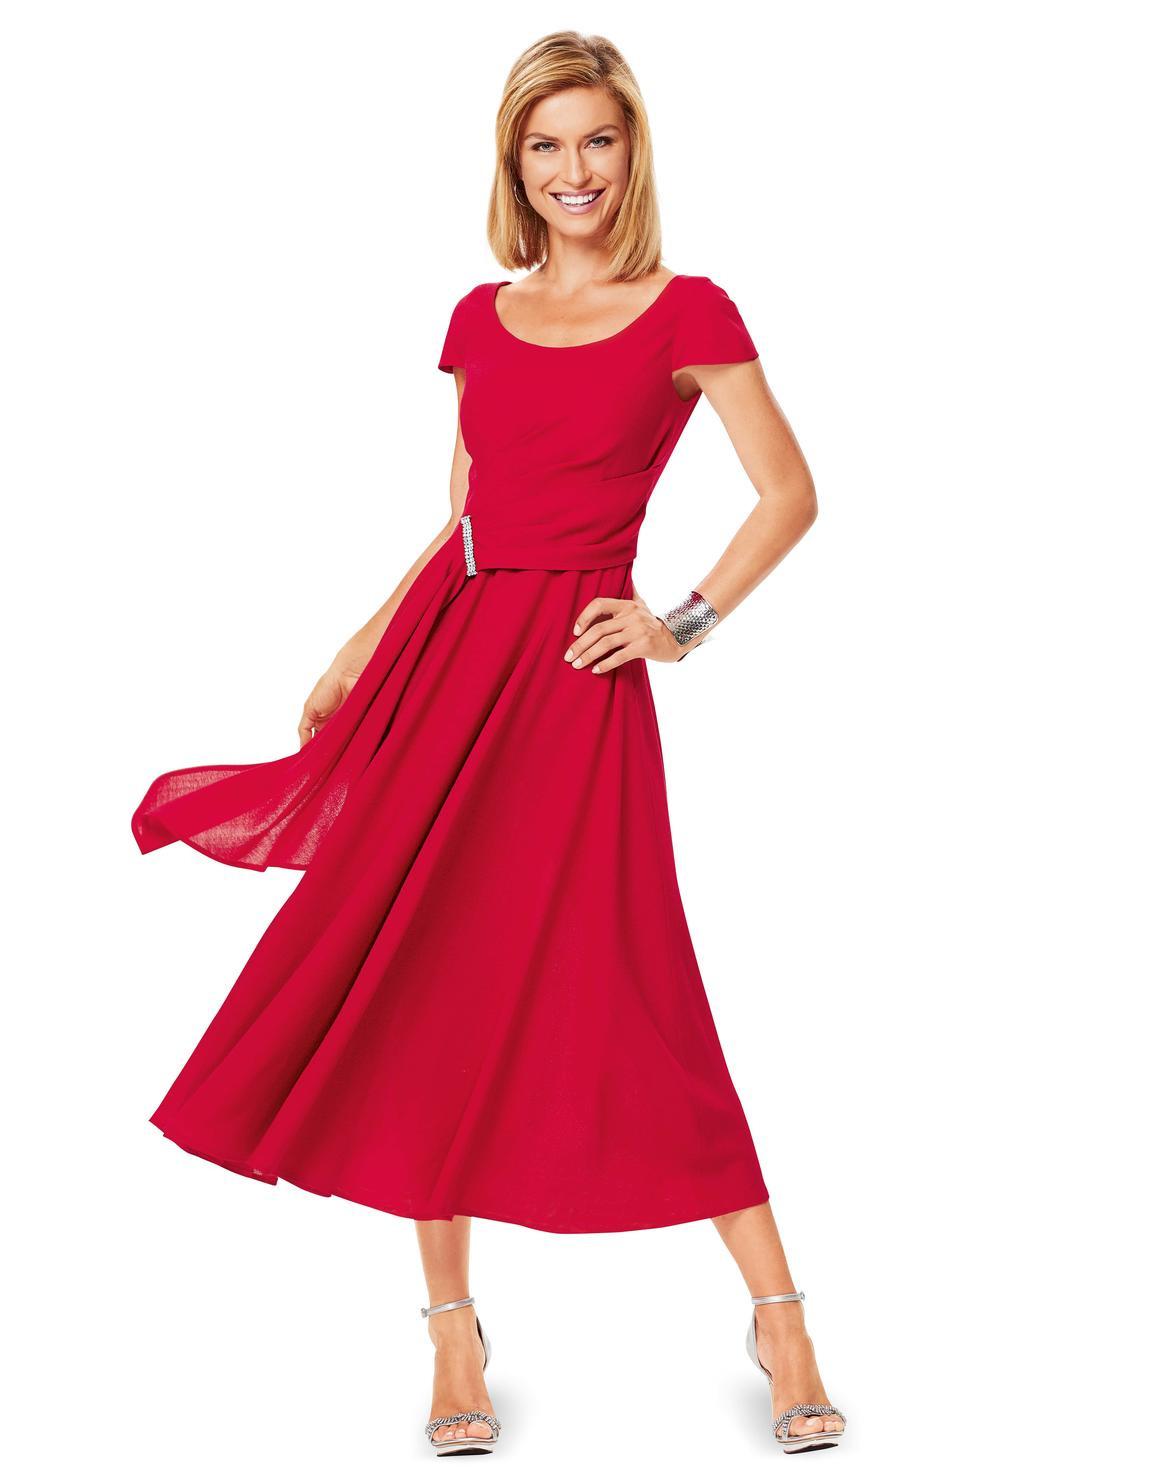 Formal Einzigartig Damen Abendkleid Bester PreisAbend Top Damen Abendkleid Ärmel